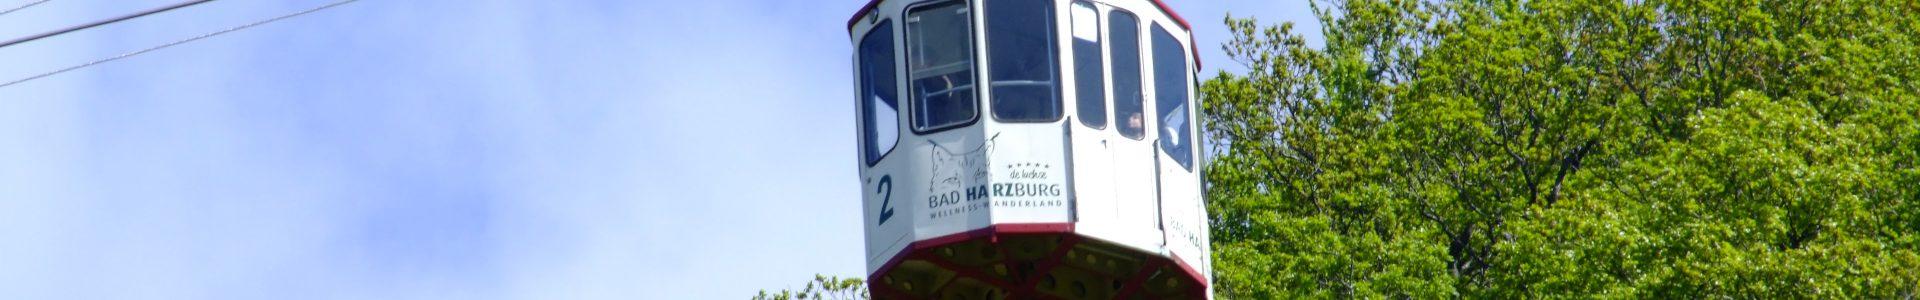 Impressionen aus Bad Harzburg